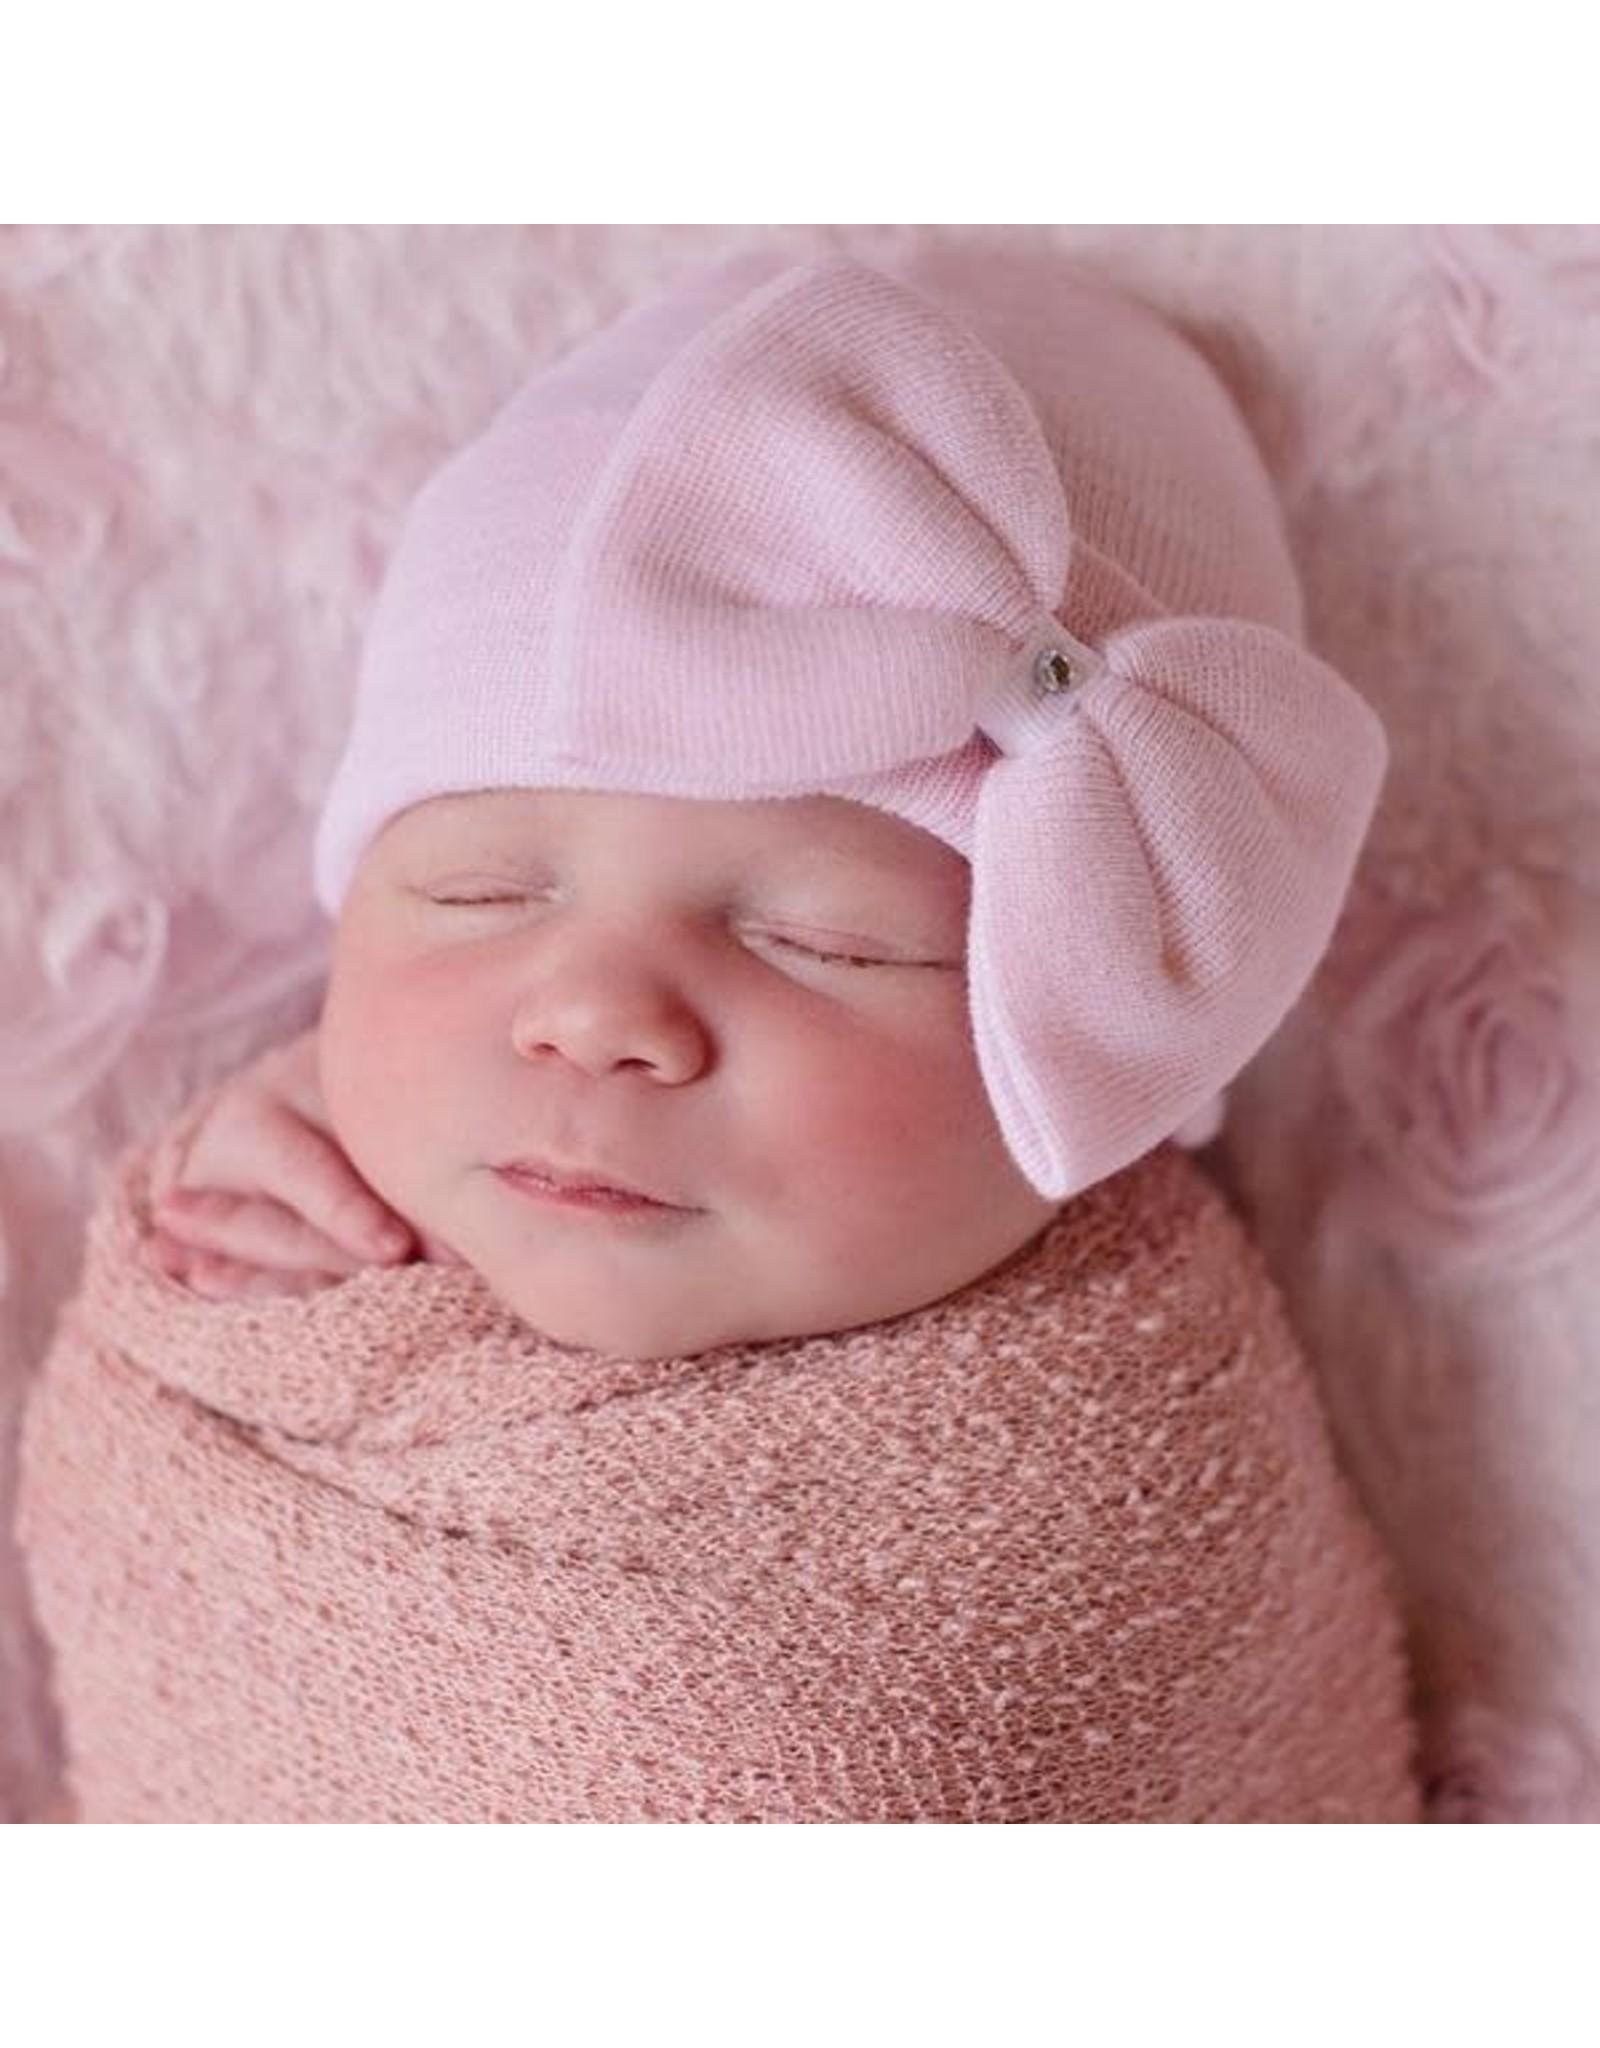 ILYBEAN Ilybean- Polly Pink Big Bow Hospital Hat